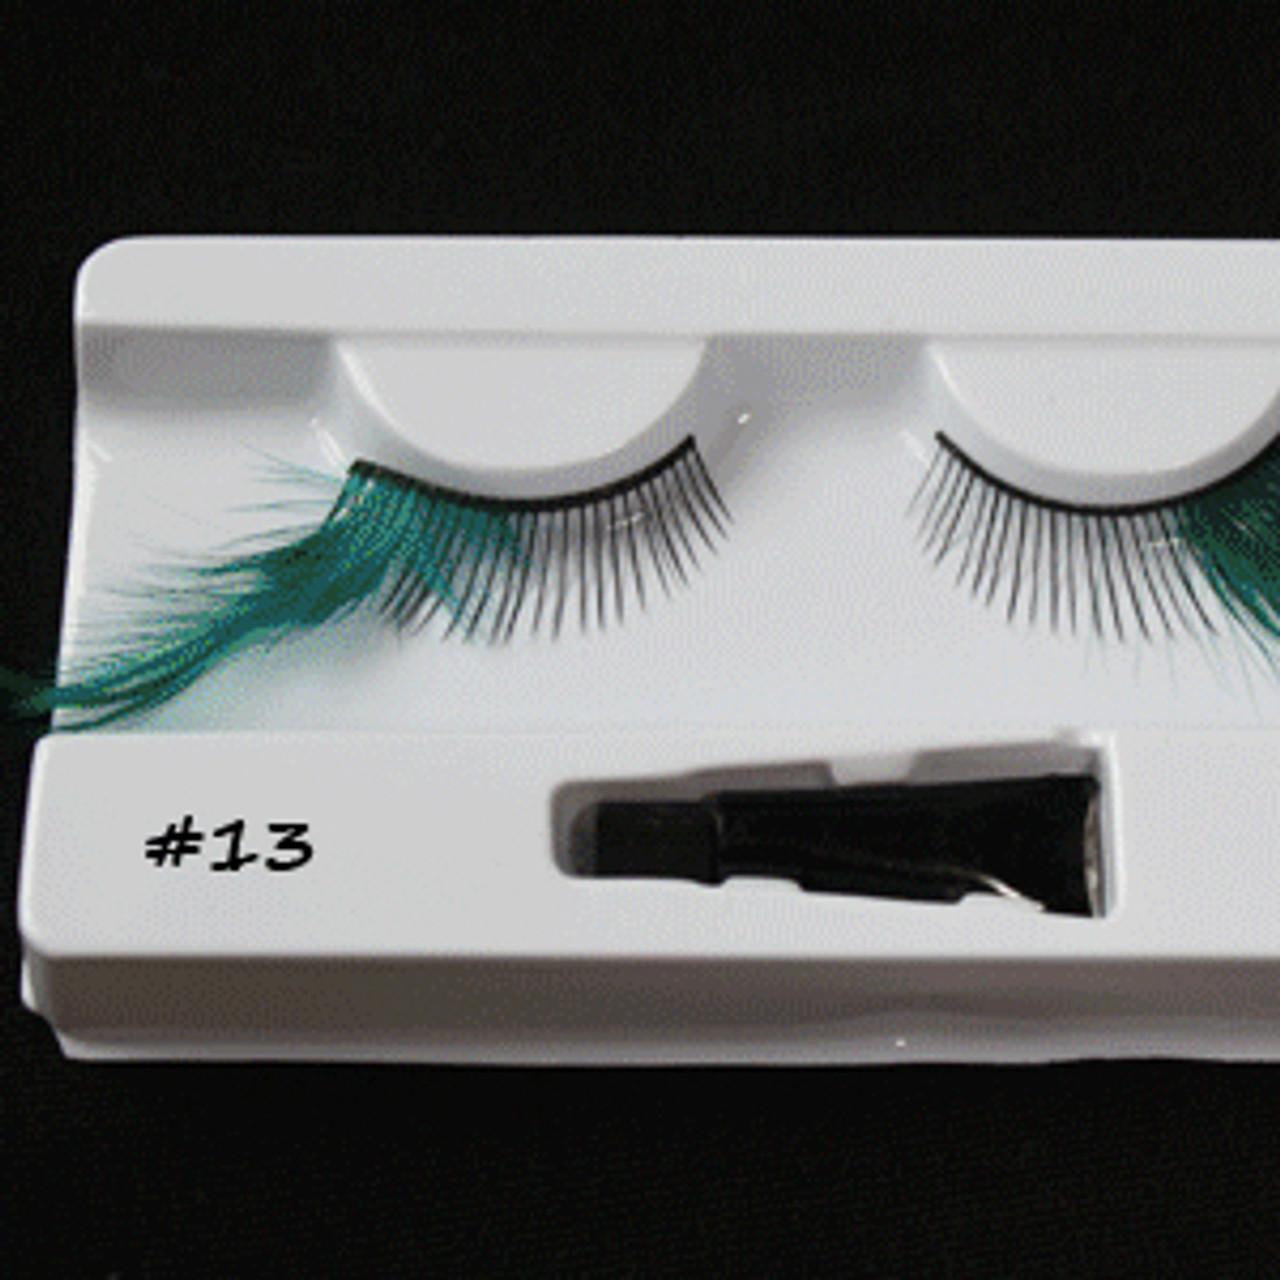 #13 Turquoise feather eyelashes